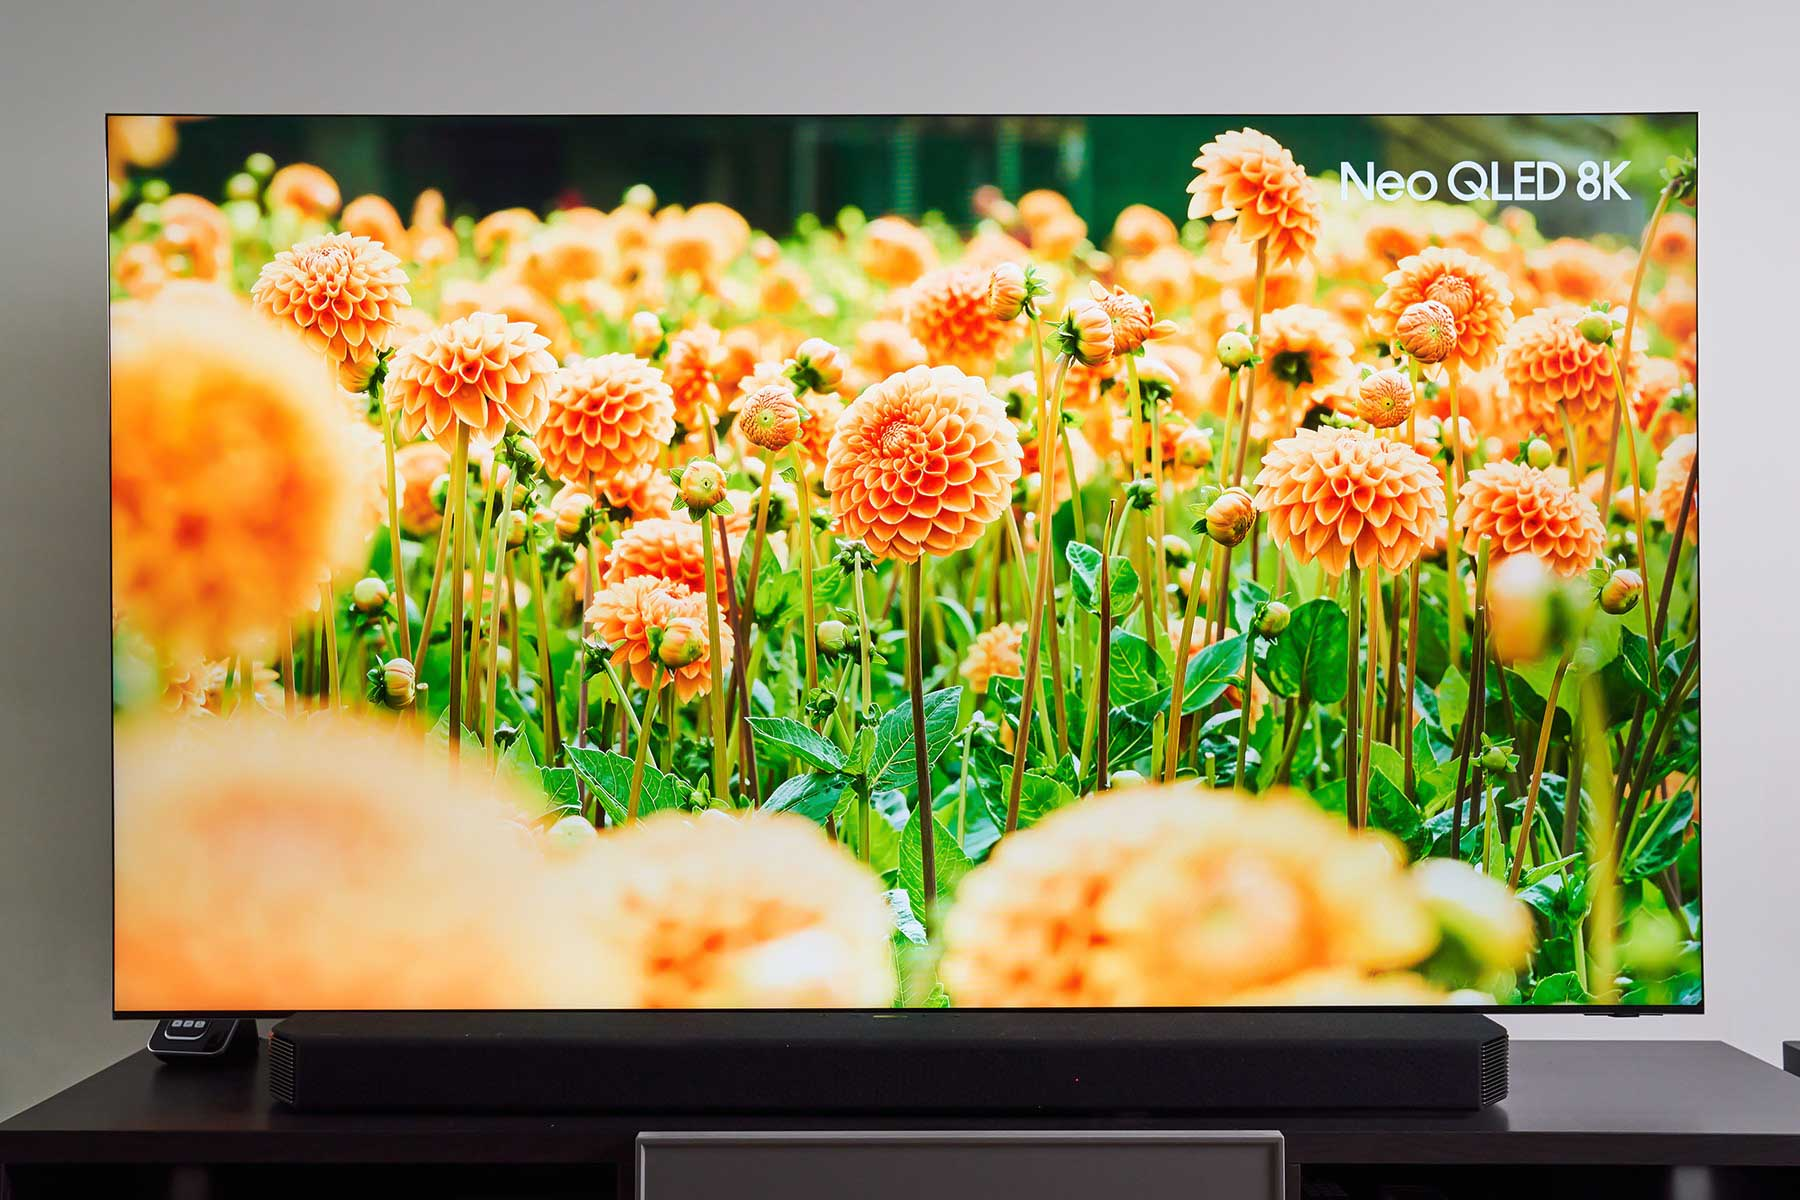 花朵交錯所架構出的遠近層次、空間感以及花朵本身的顏色,都充分展現 Neo QLED 8K 量子電視在色彩處理上的超高細膩度。值得注意的是,深淺不一的色彩,除了讓花朵更具立體感外,也拉出花與花之間距離感,成功營造身歷其境的視覺感受。